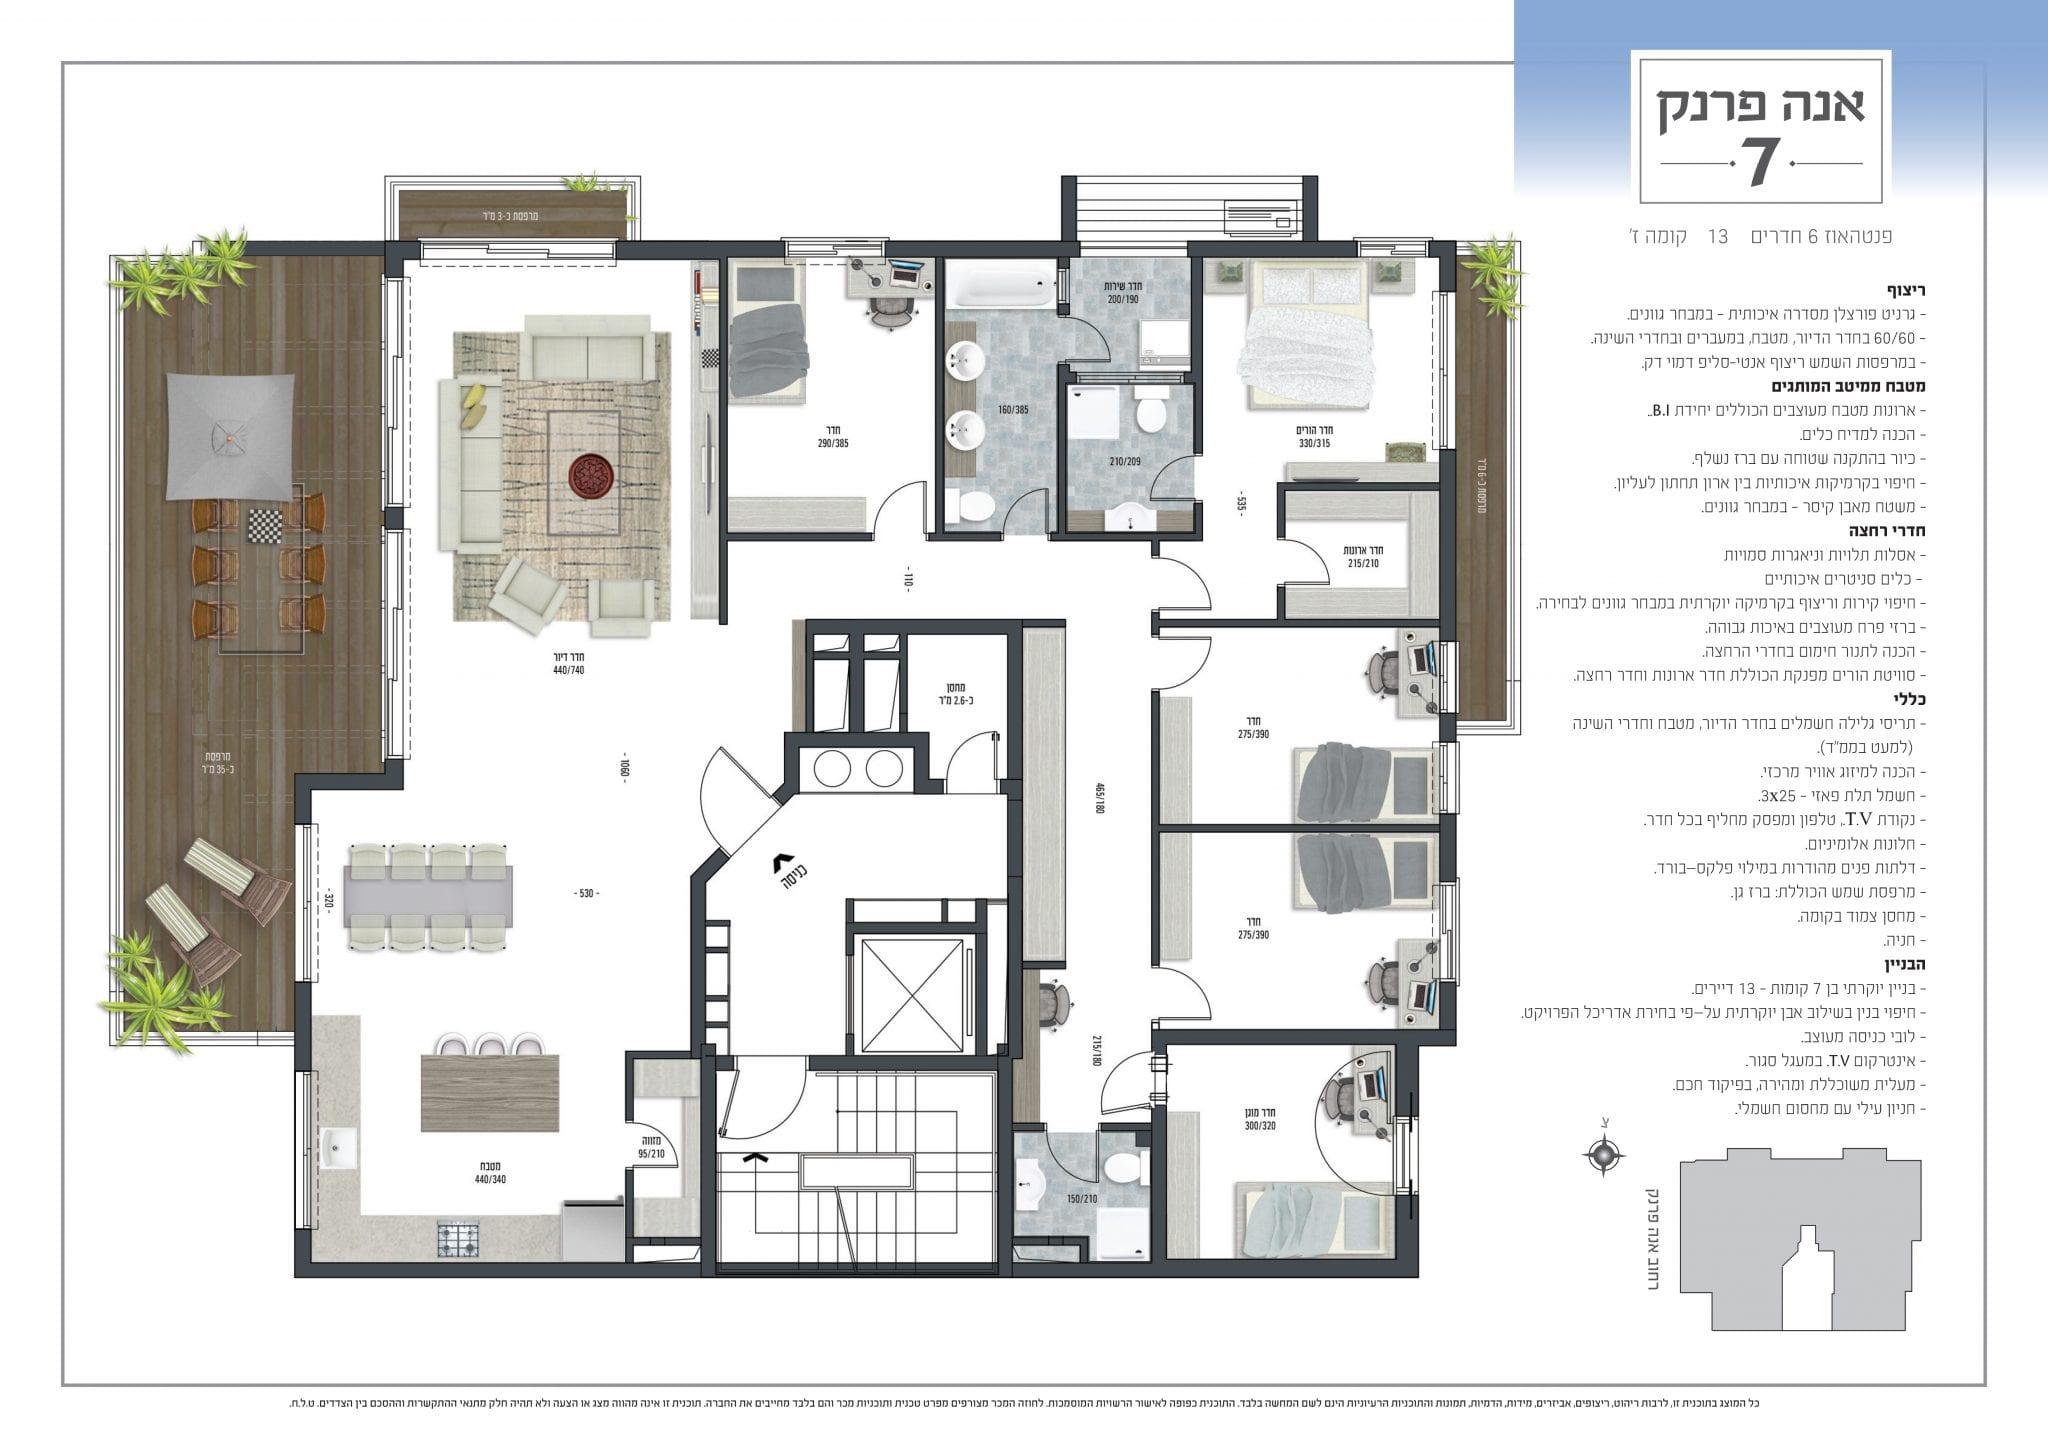 פנטהאוז 6 חדרים, קומה 6 - מספר 13